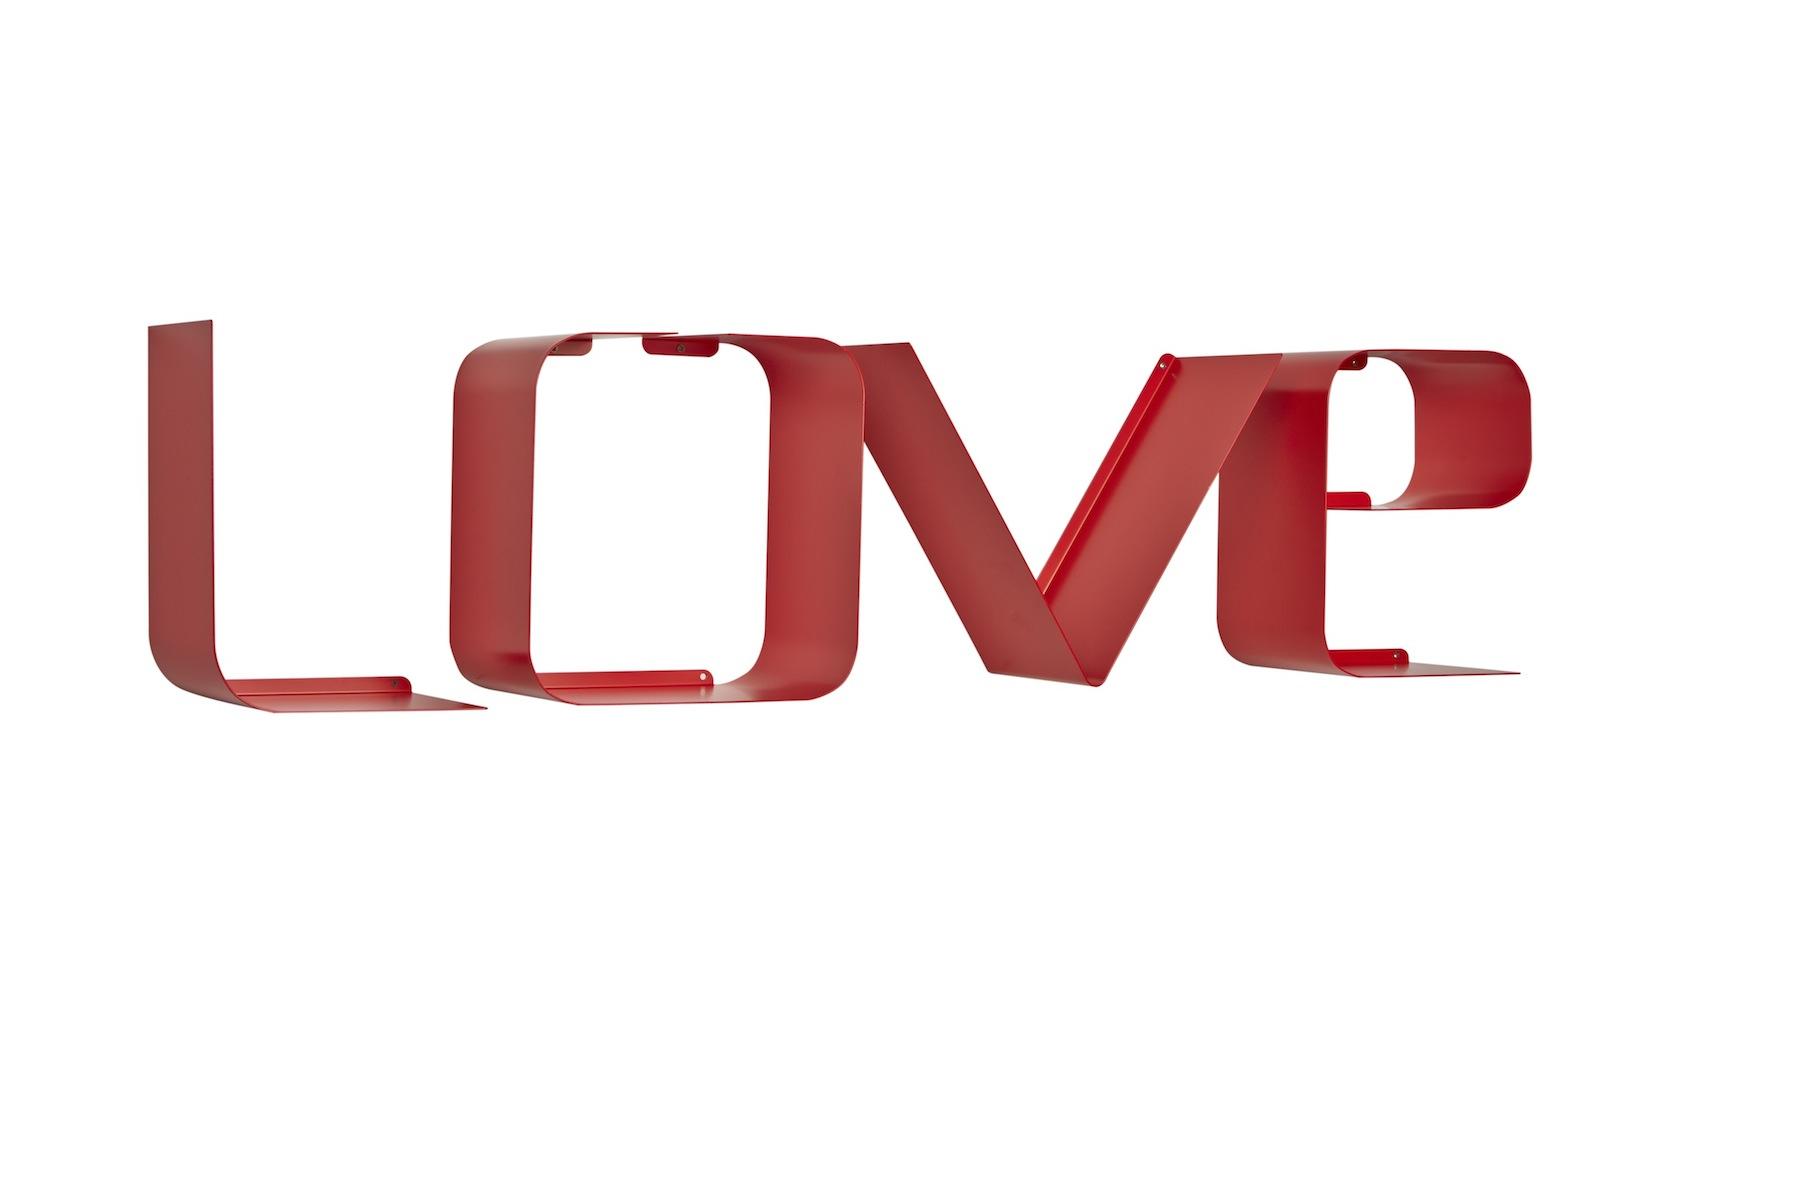 Lettere Da Appendere Al Muro mensola a lettere scritta love | personalizza le tue pareti